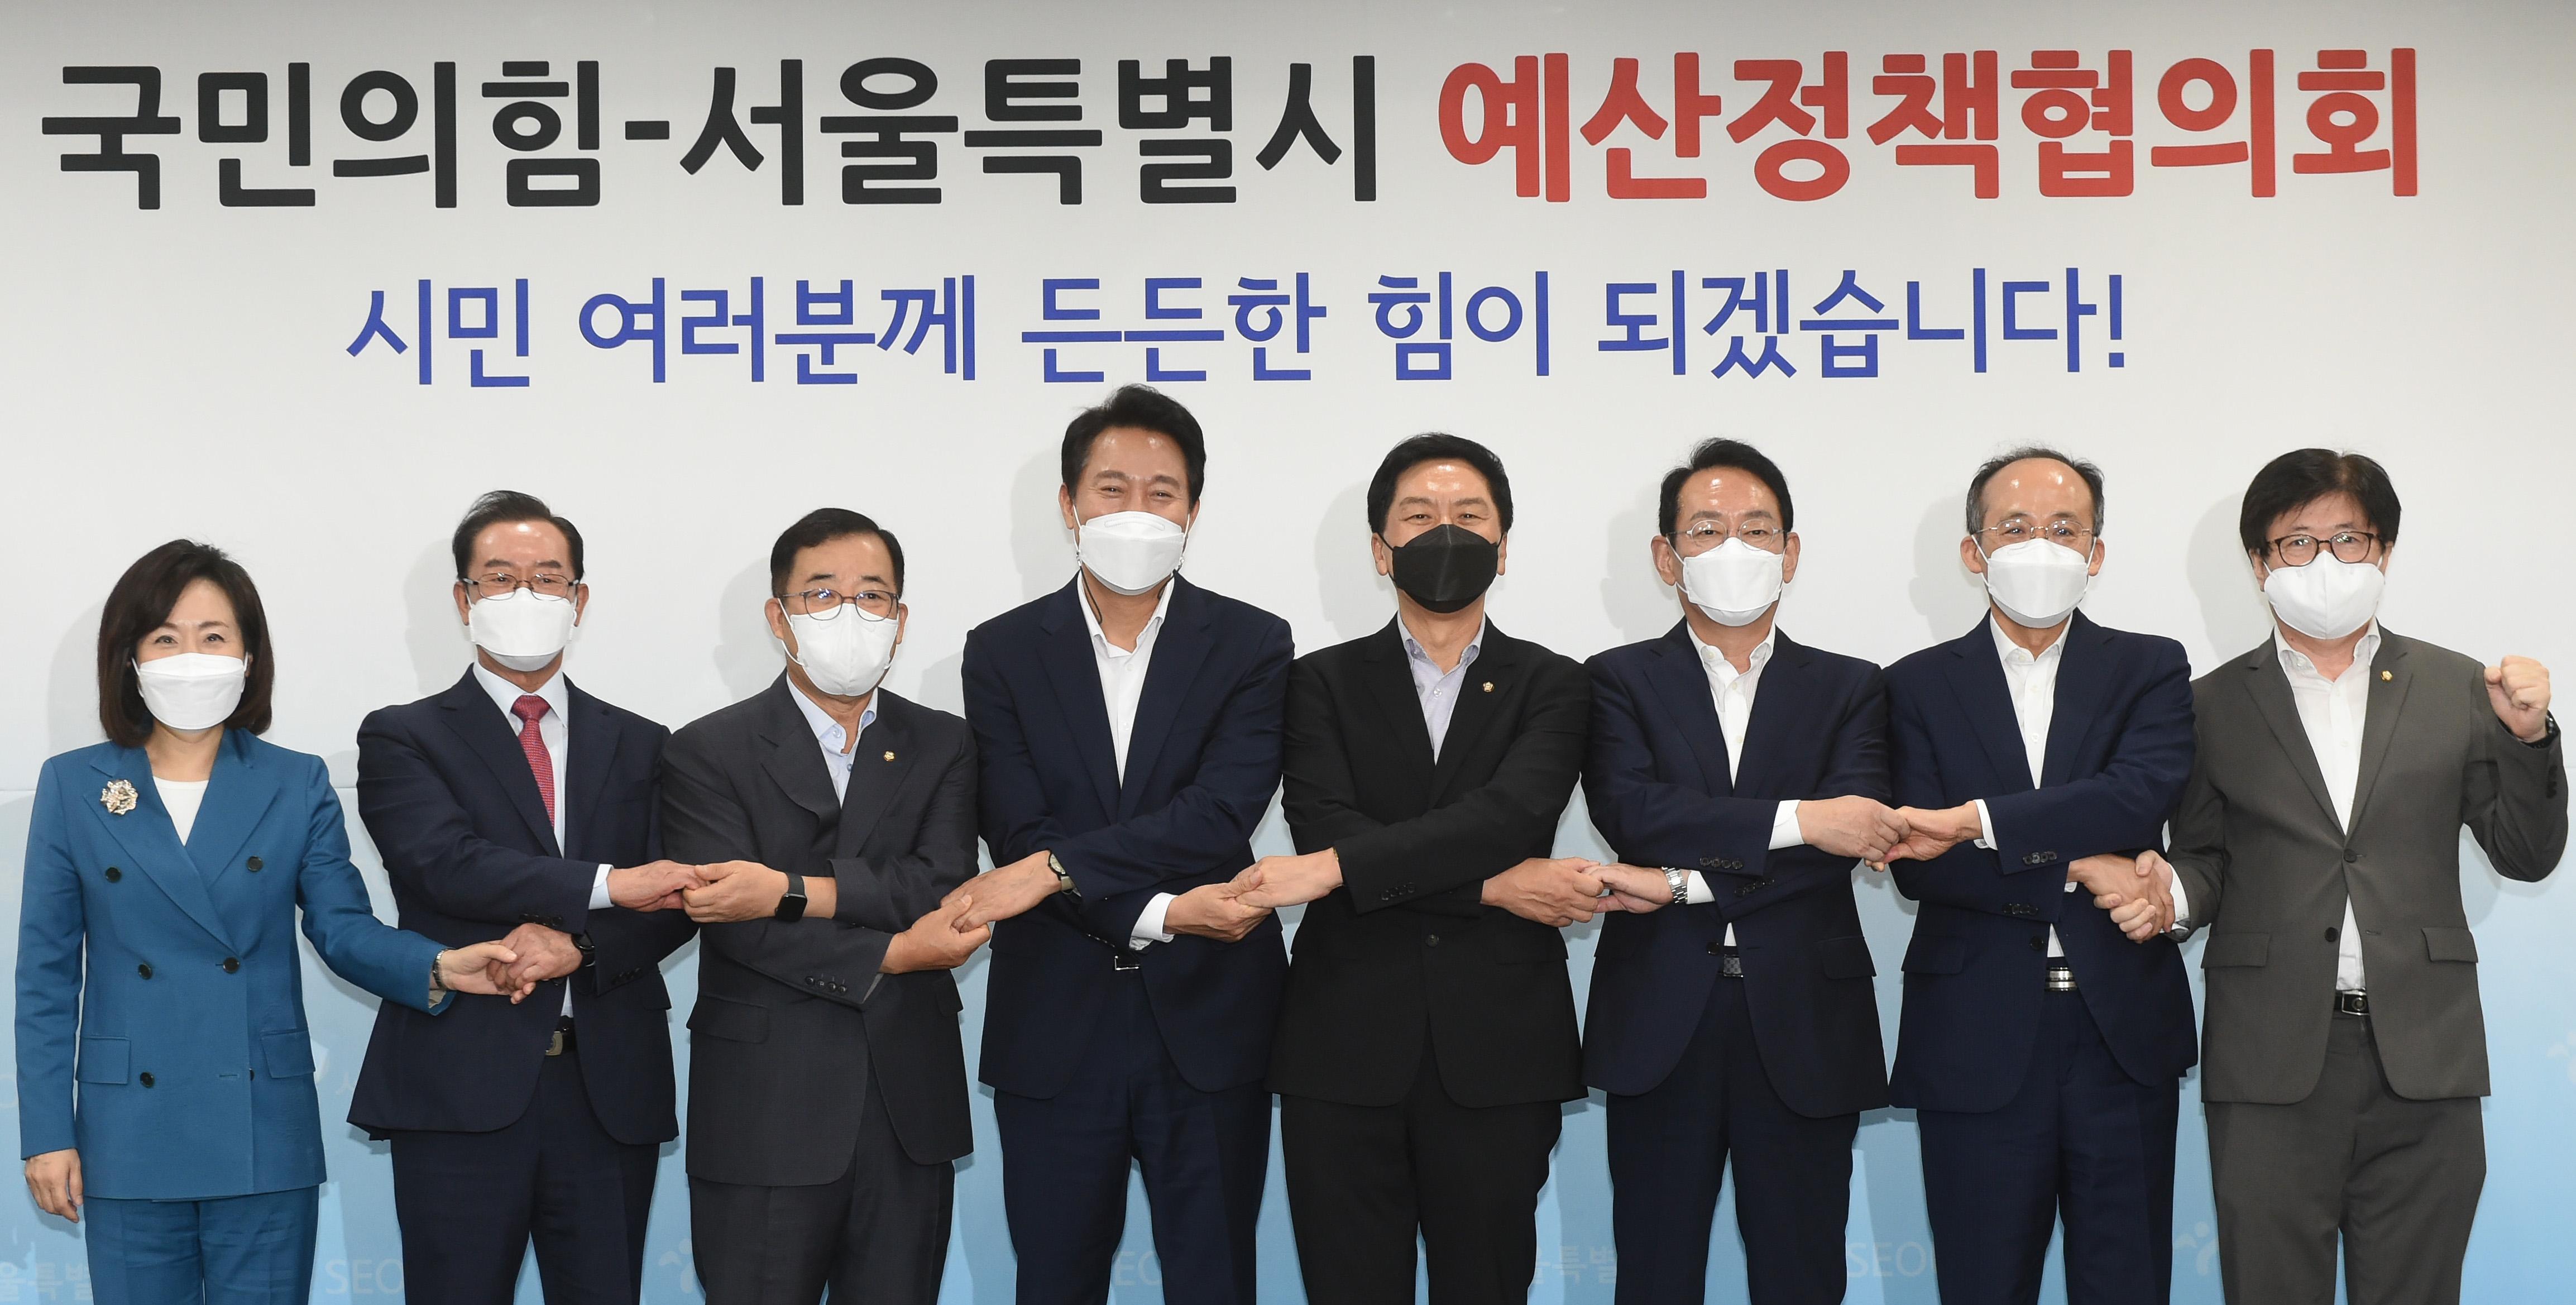 """국민의힘 만난 오세훈 시장 """"주요사업 국비 확보 요청"""""""